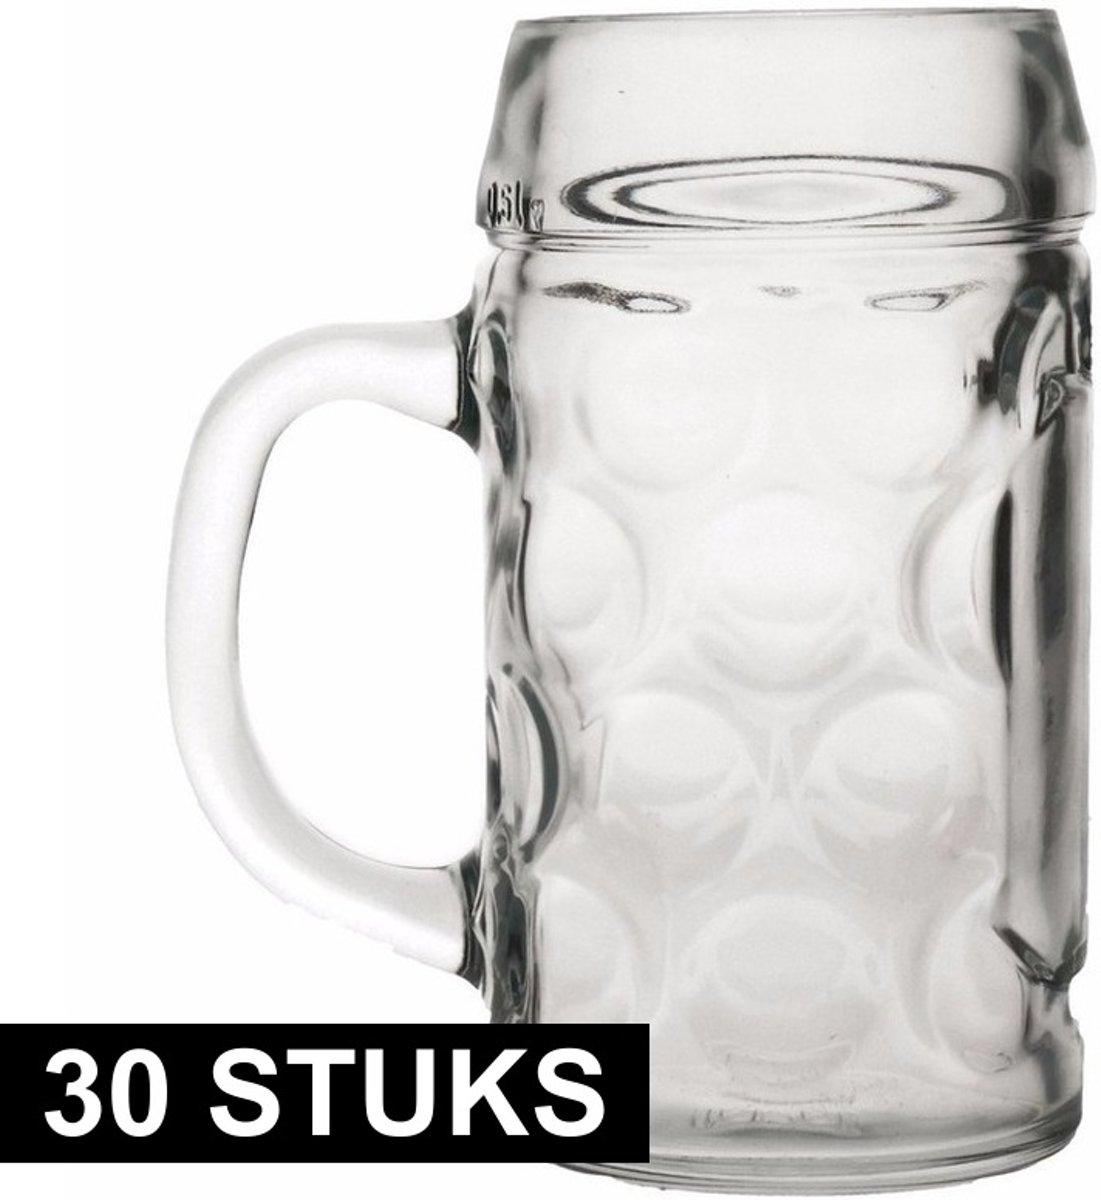 Oktoberfest - 30x Bierpullen/Bierglazen van 1 liter Oktoberfest bierglazen - Bierfeest bierglas 30 stuks